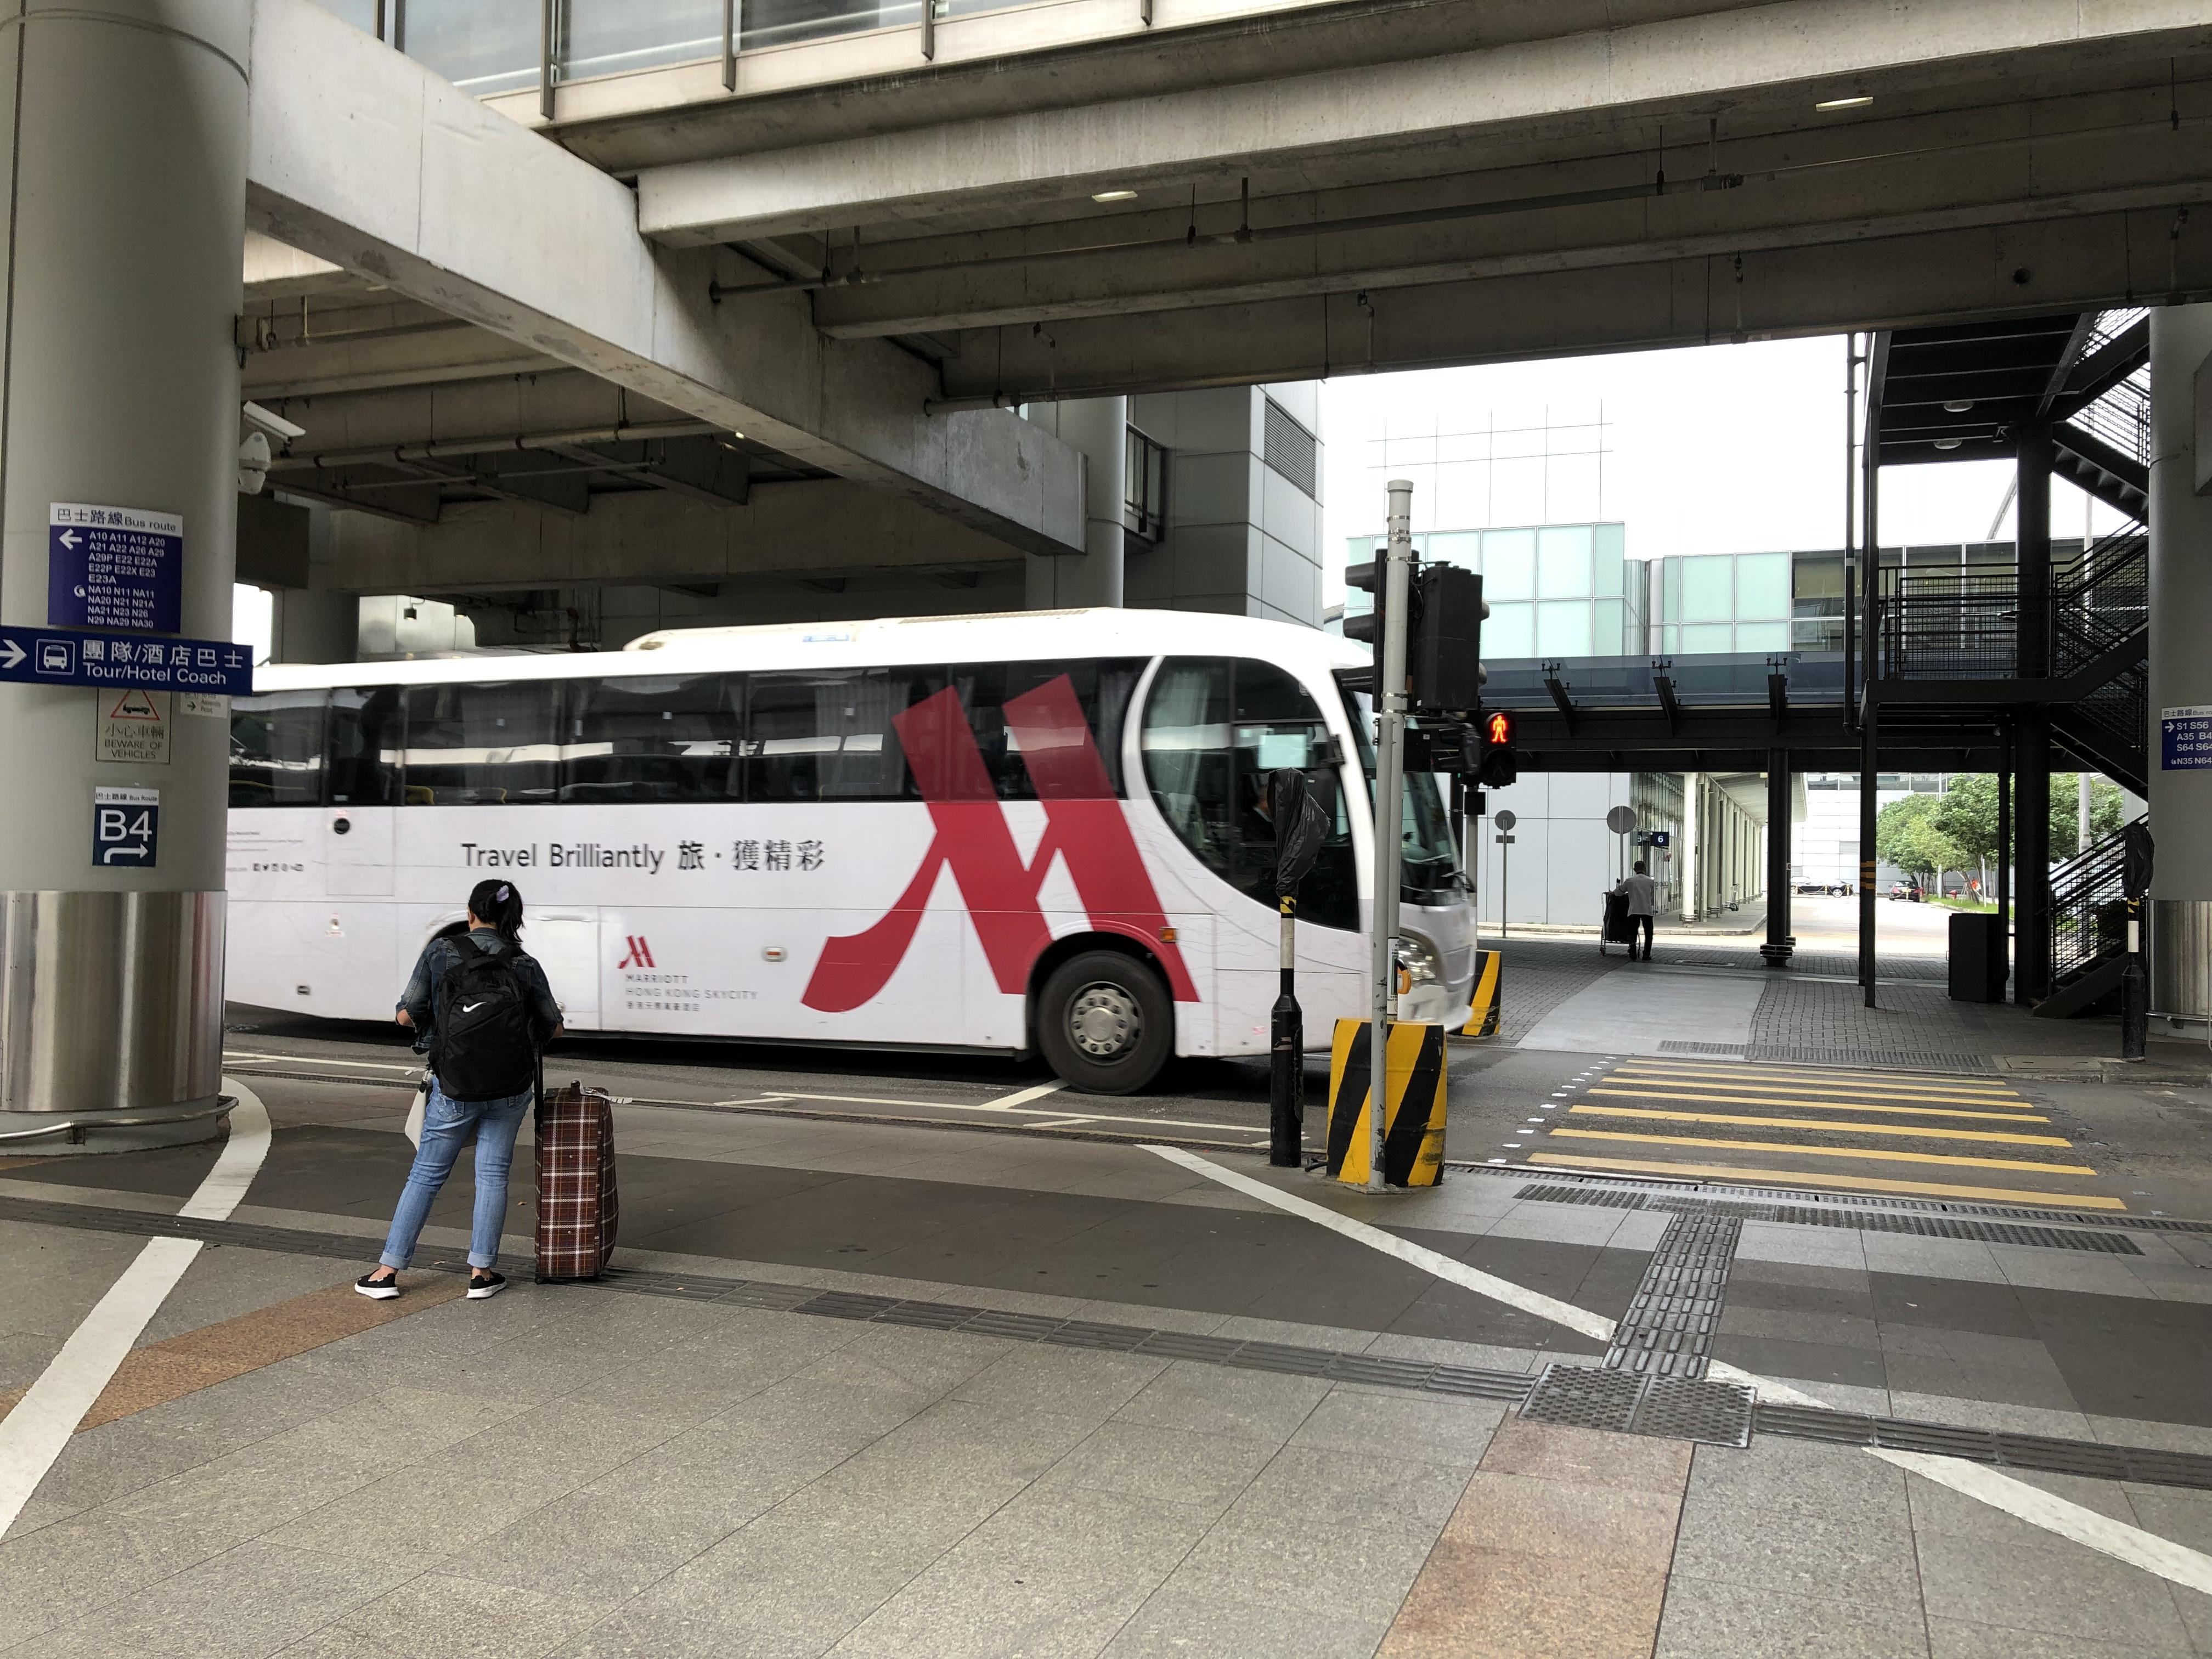 港珠澳大橋の香港側の乗り場「香港口岸」に向かうバスターミナル